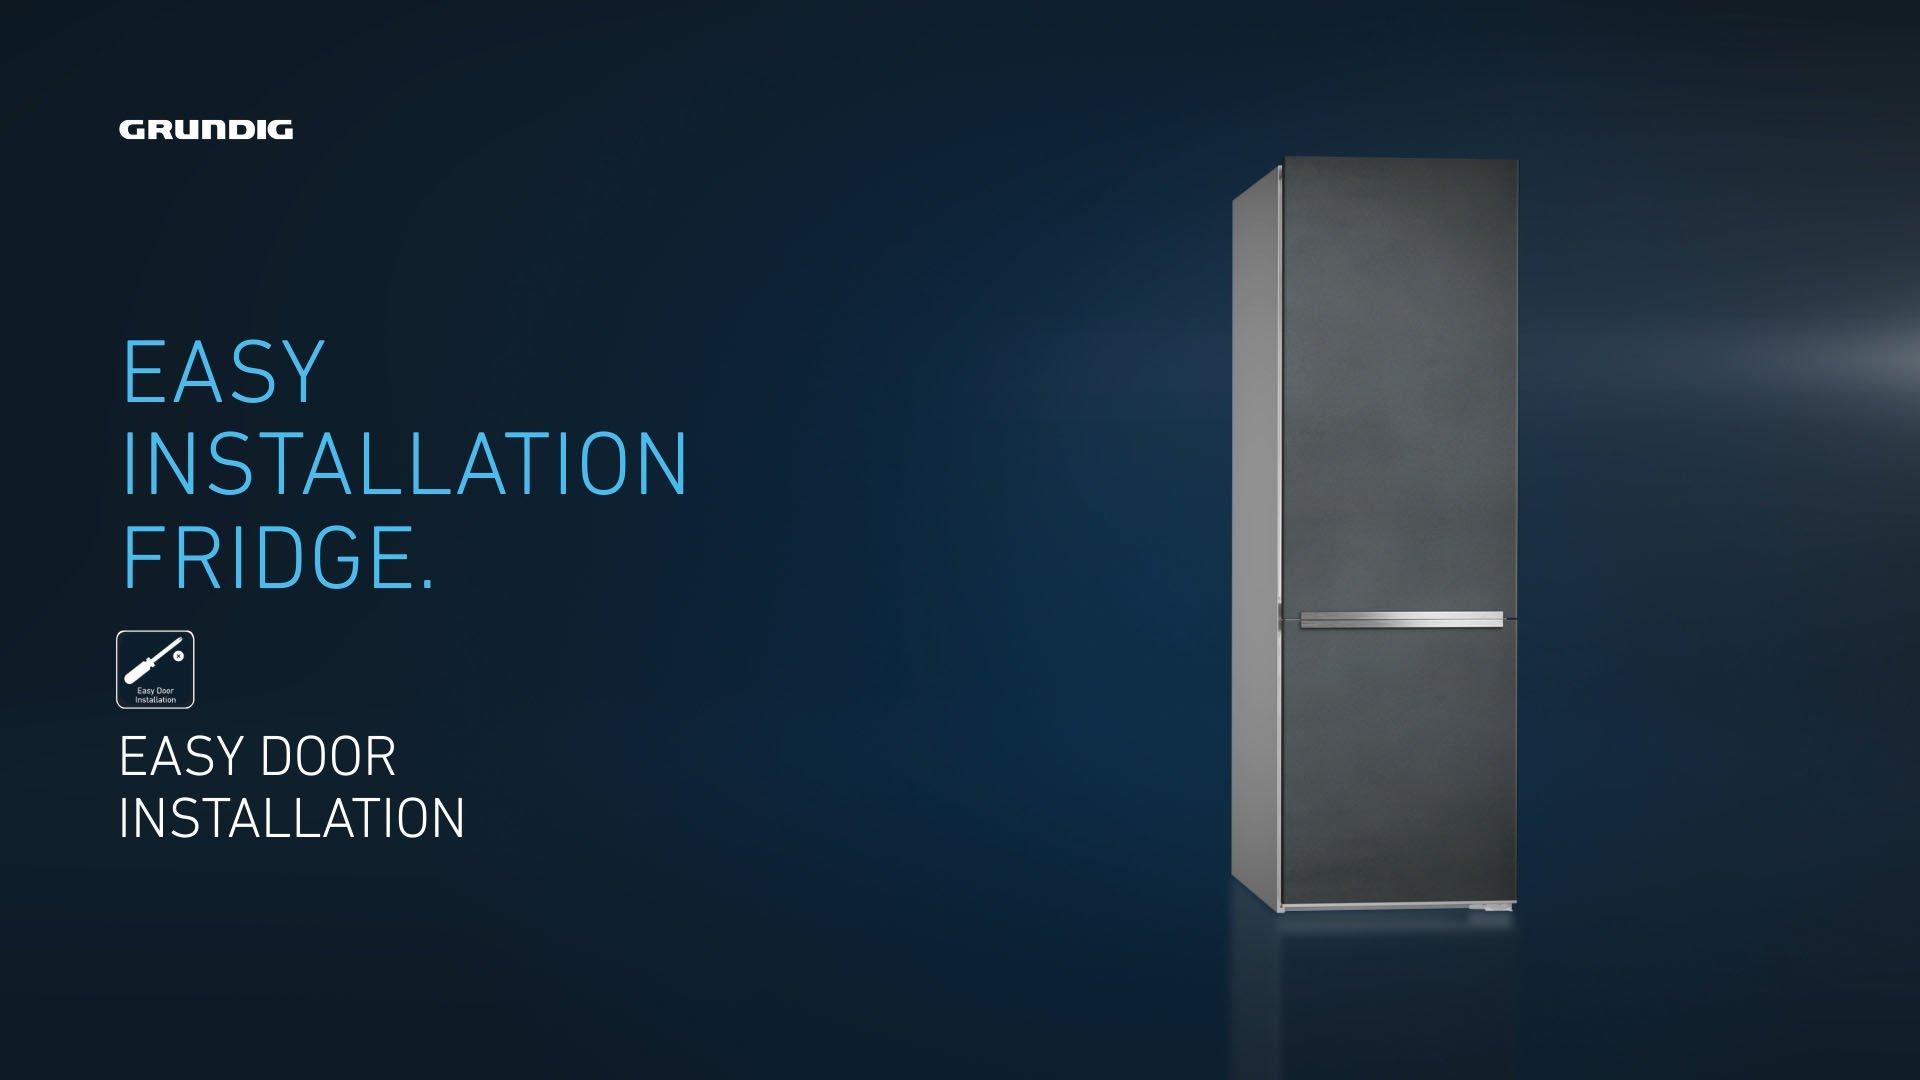 Grundig_Easy_Installation_REFRIGERATOR.1